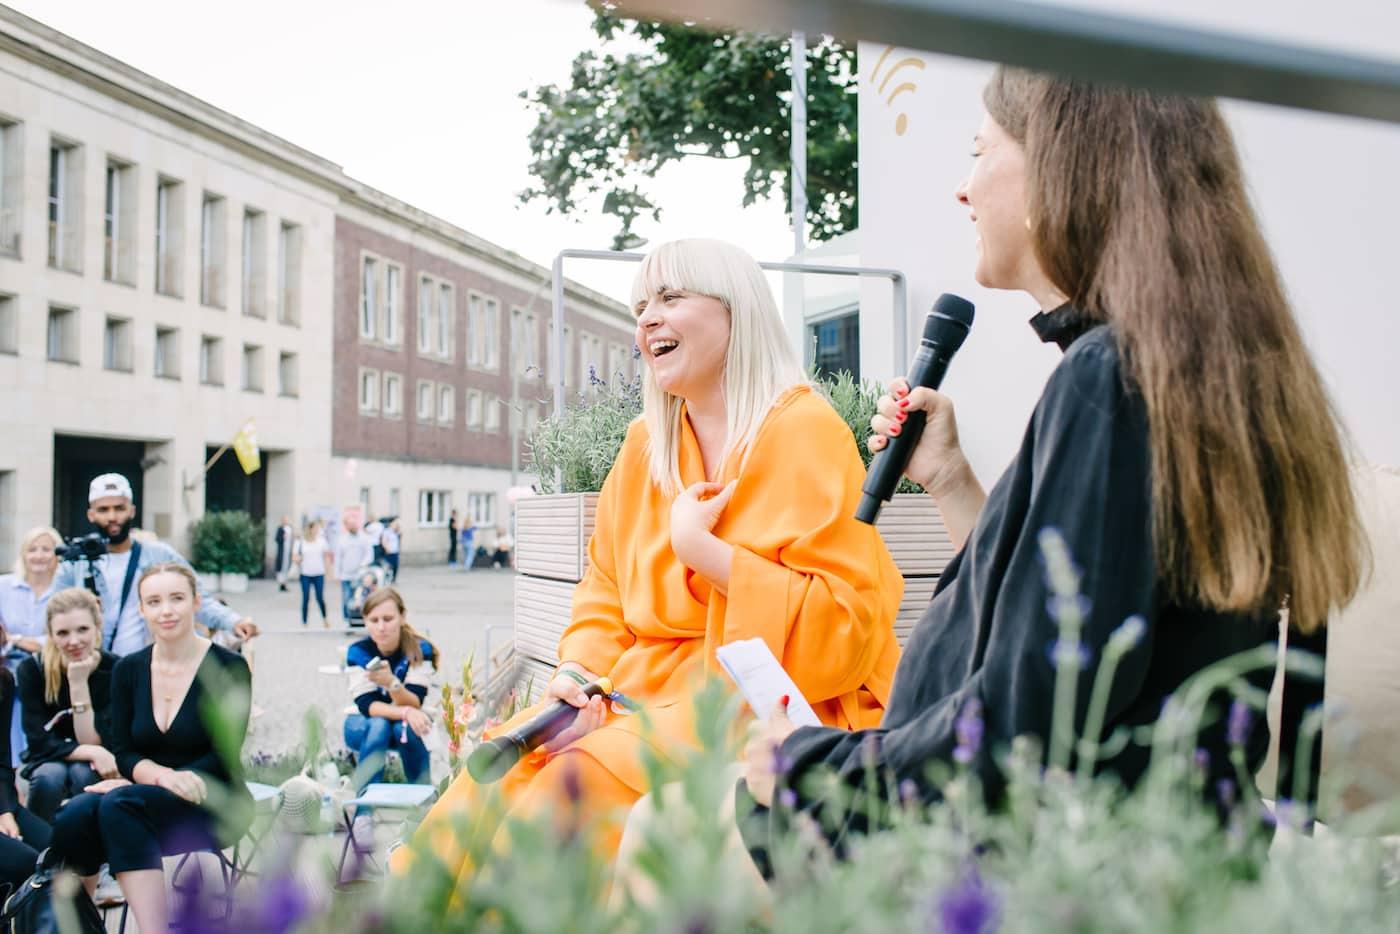 Feminismus beim FFF DAY von Edition F in Berlin // HIMBEER